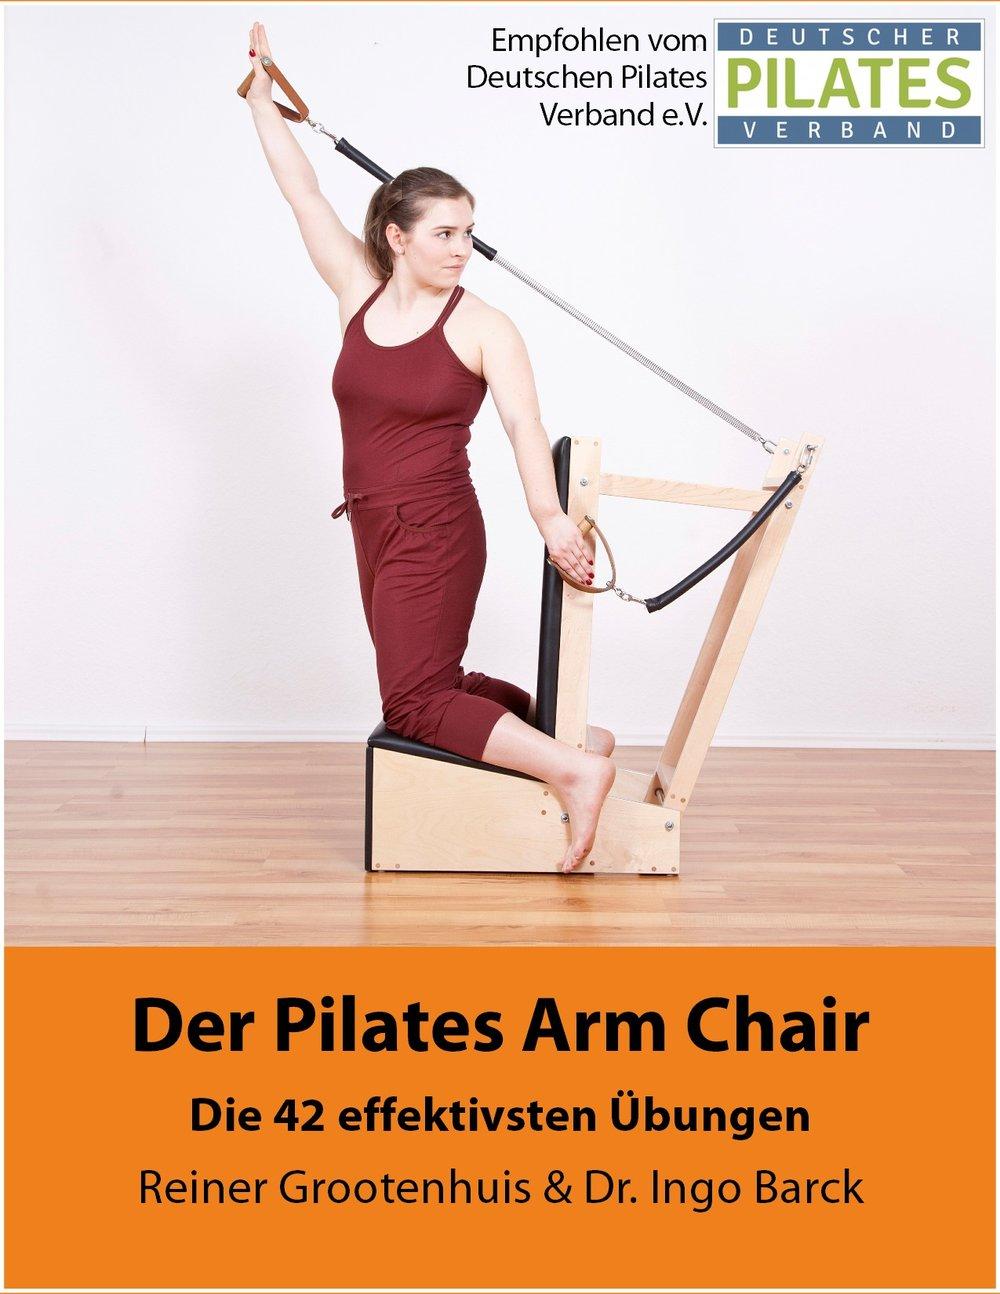 Der Pilates Arm Chair / Erschienen im Juli 2016 auf Deutsch und im September 2016 auf Englisch 4 Rezensionen mit 5 Sternen auf amazon.de 10 Rezensionen mit 5 Sternen auf amazon.com